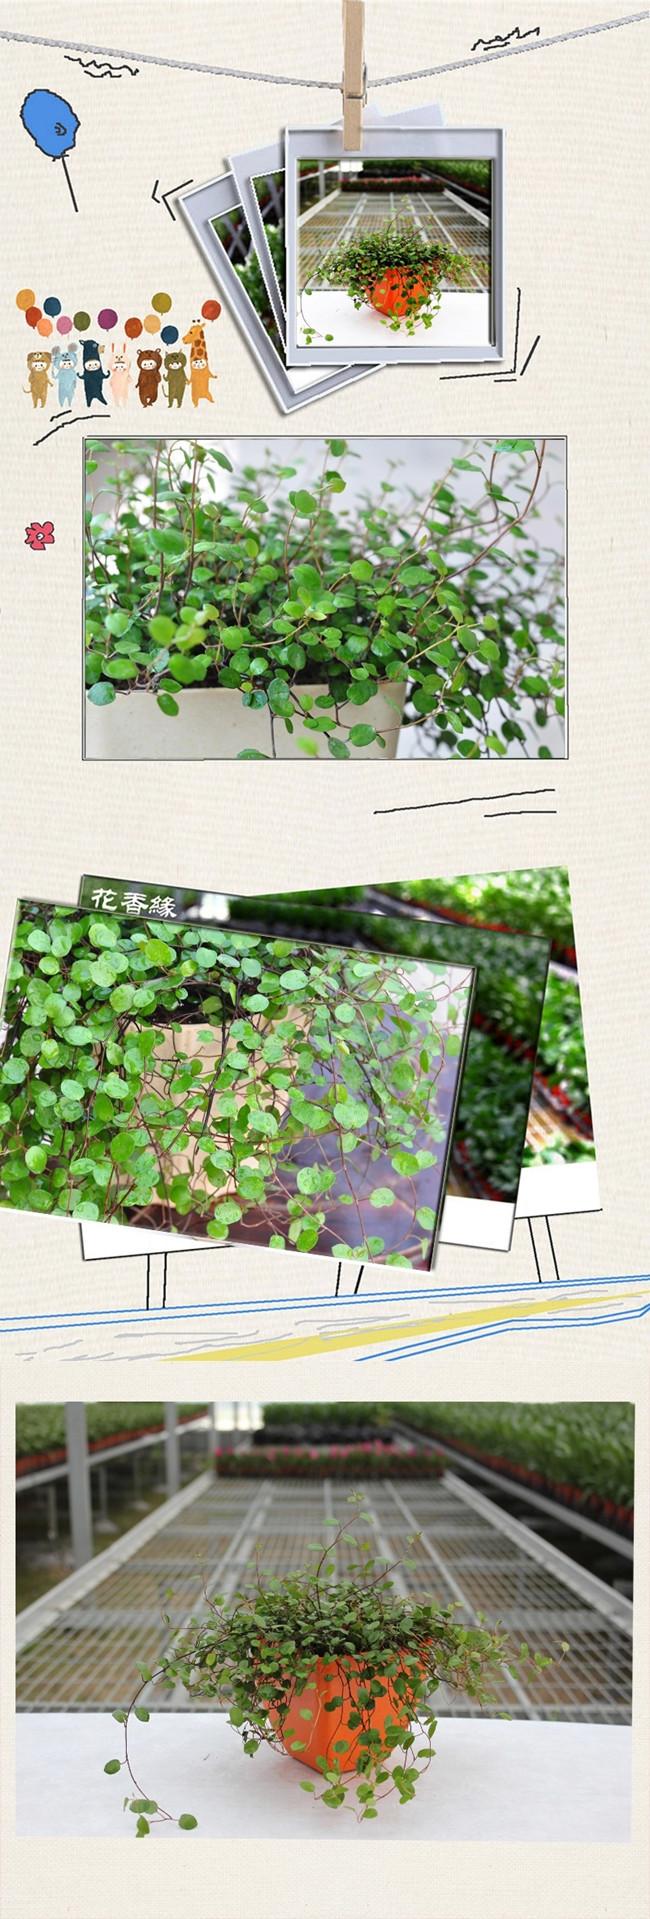 手绘绿植平面图